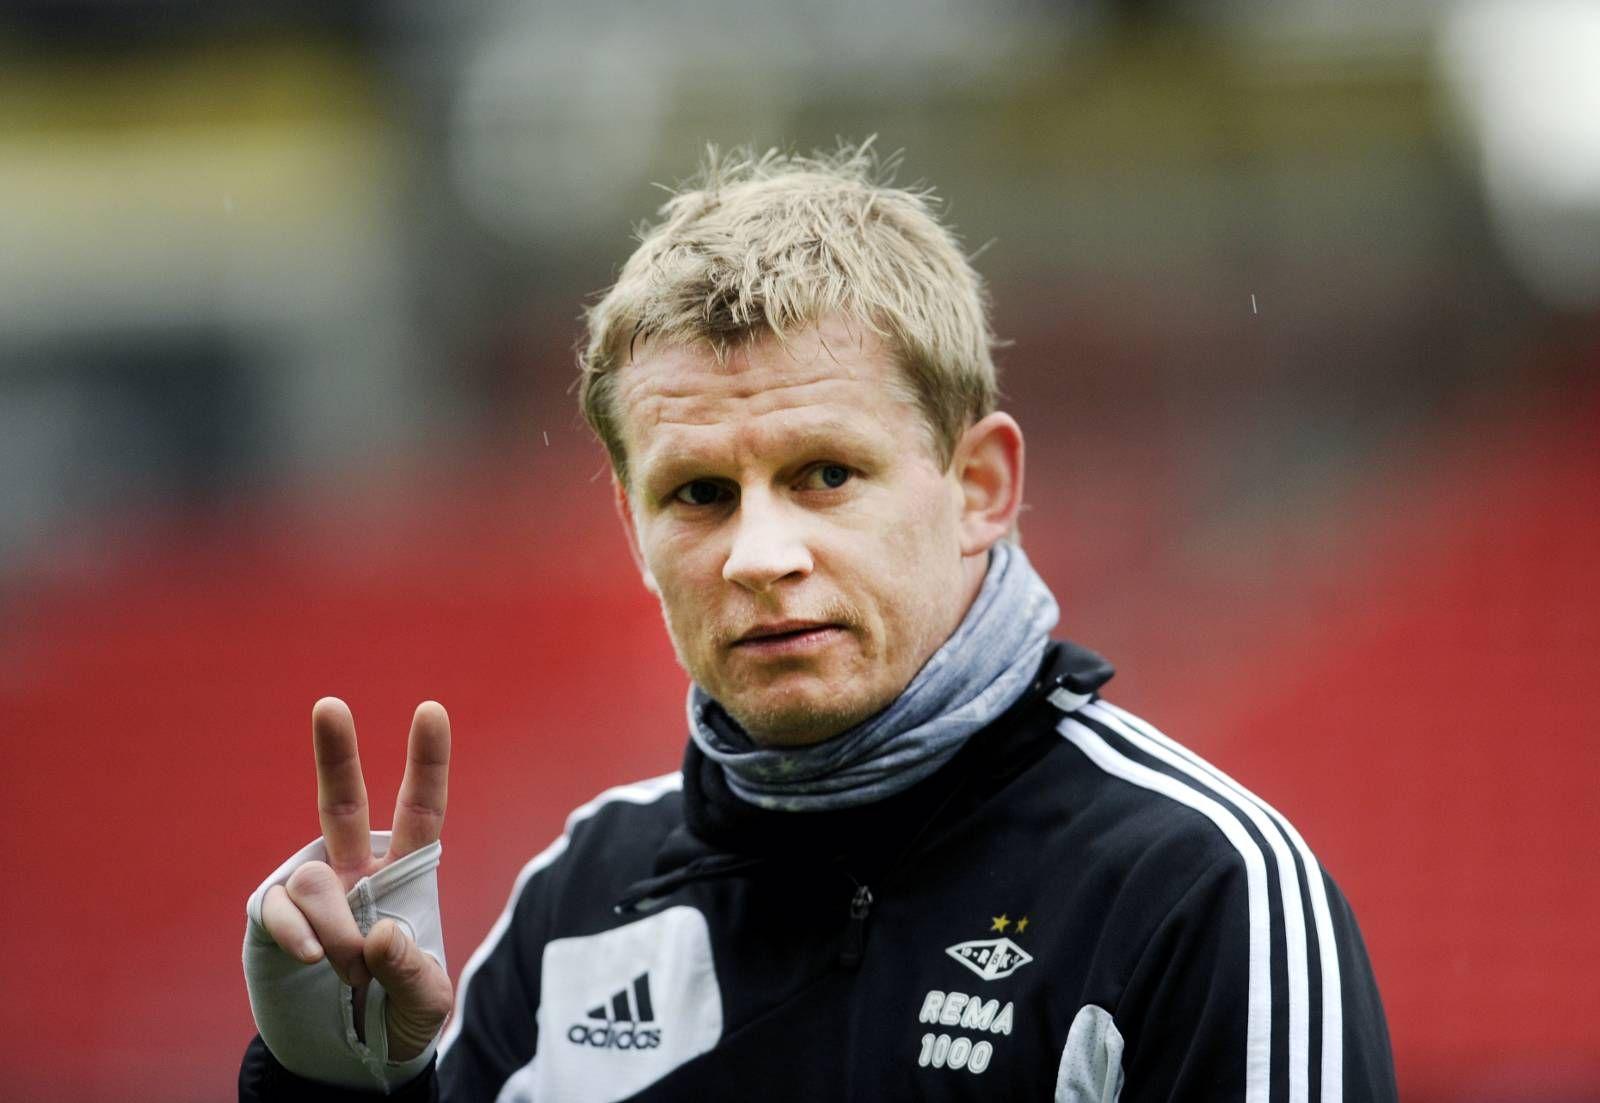 สเตฟเฟ่น อีเวอร์เซ่น สโมสรสเปอร์ ทีมชาติประเทศนอร์เวย์